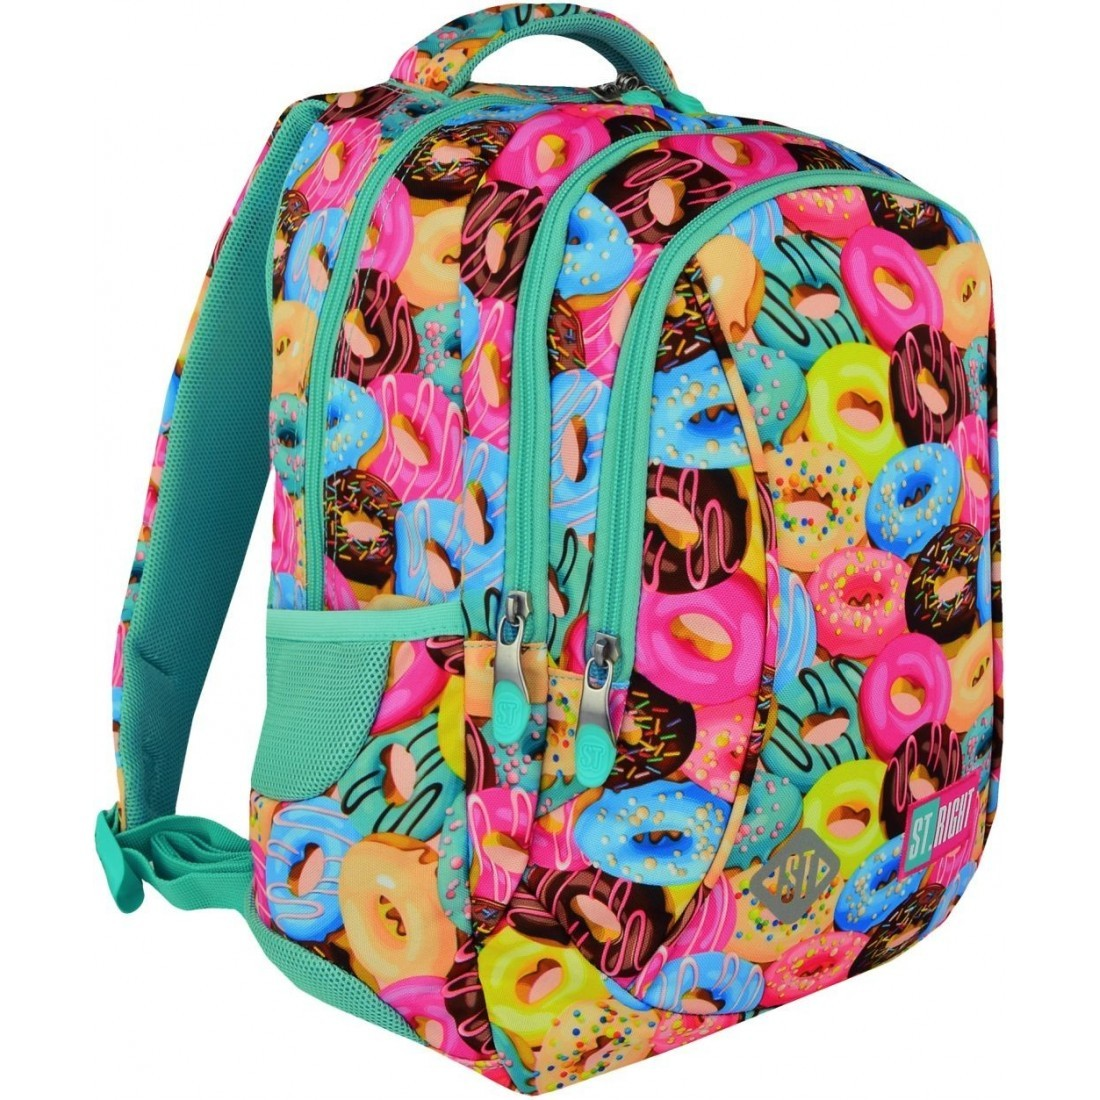 809948540b1a4 Plecak dla pierwszoklasisty ST.RIGHT DONUTS kolorowe pączki ciasteczka -  BP26